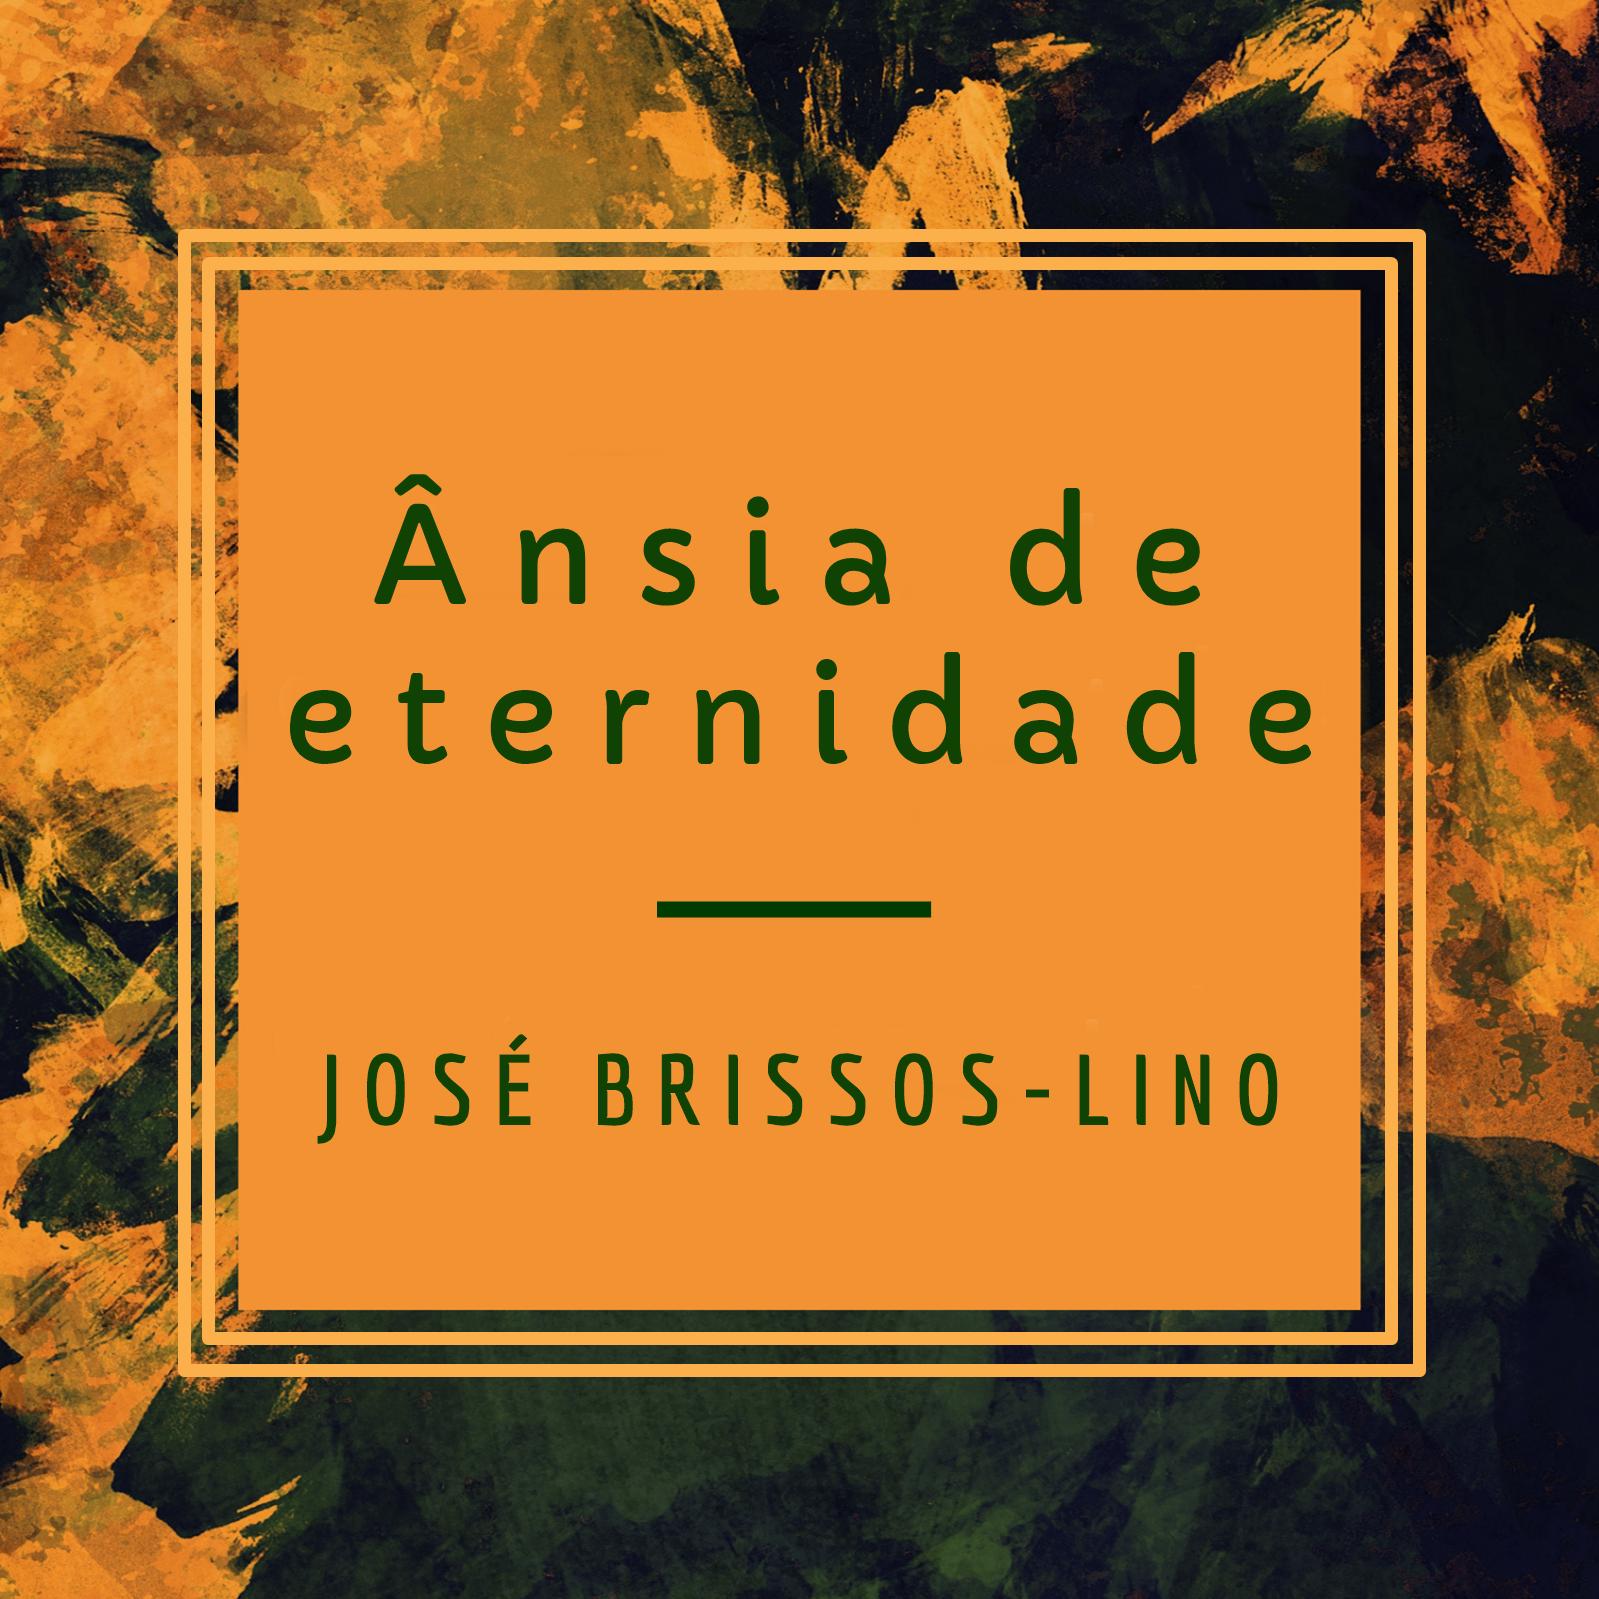 Ânsia de eternidade, de José Brissos-Lino, en descarga libre